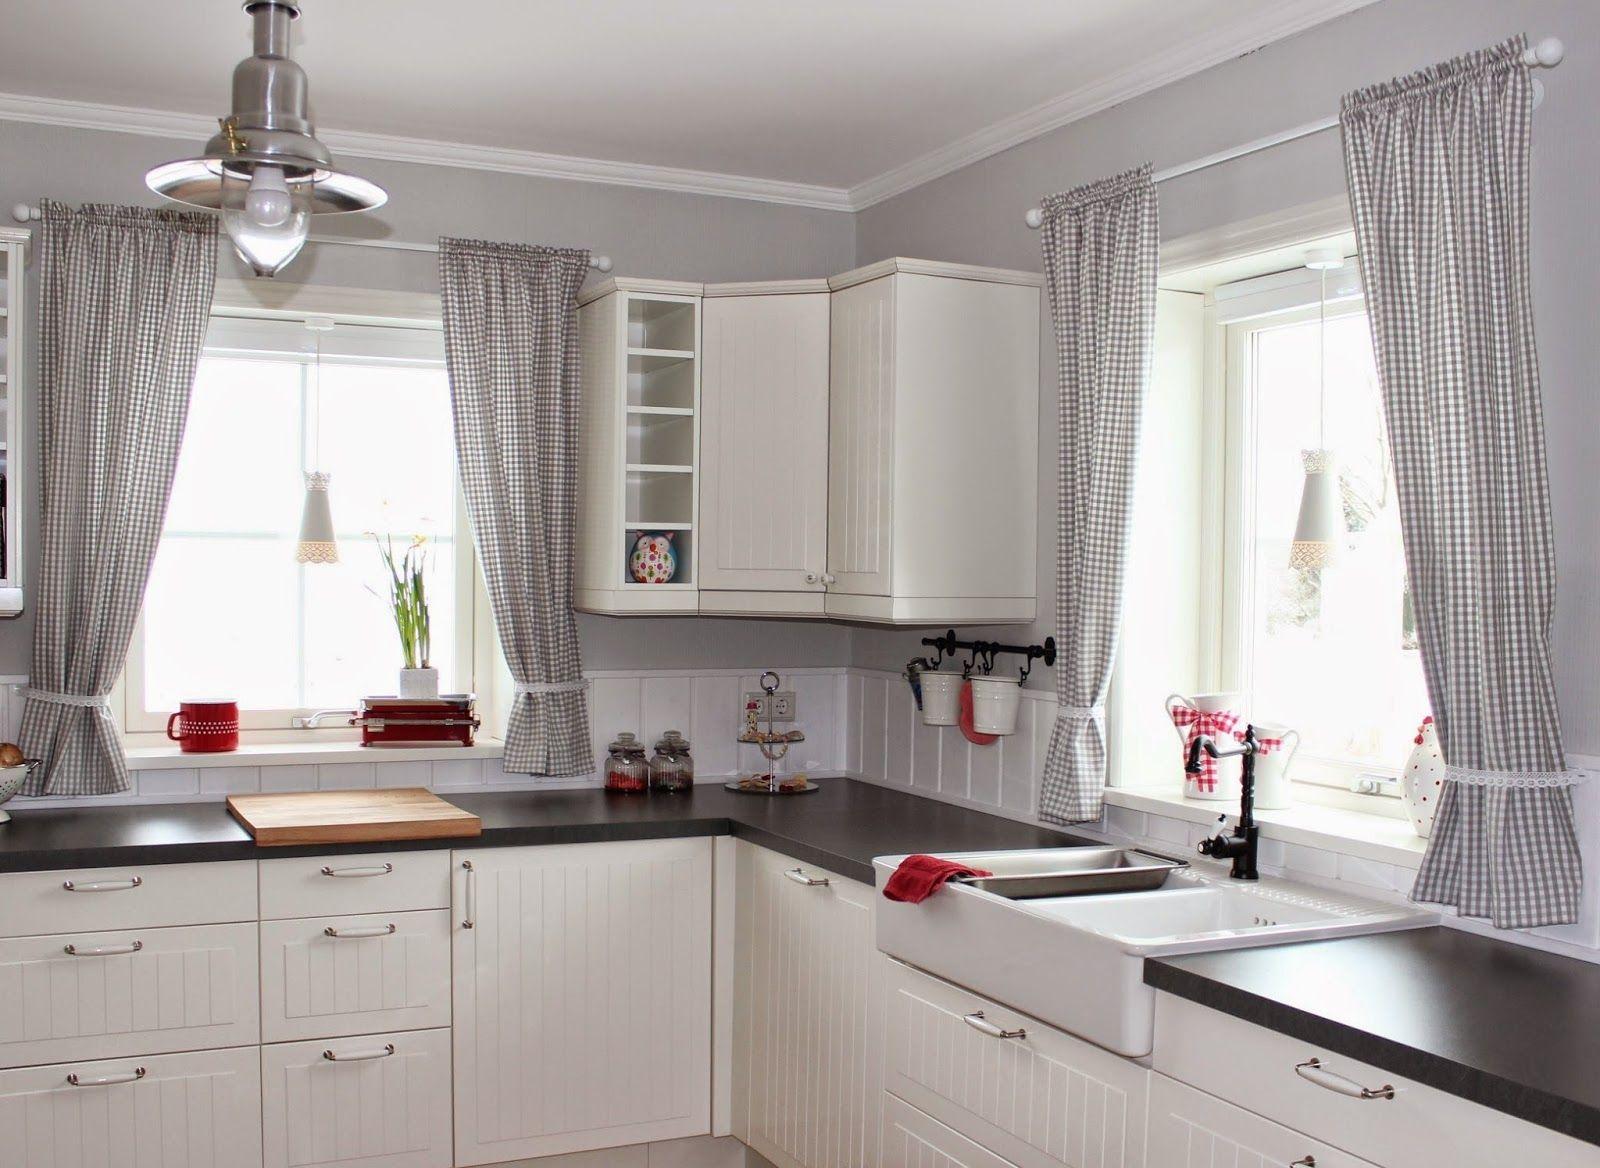 Schwedenhaus inneneinrichtung modern  Kleine Lotta ~ Unser Schwedenhaus | Küche | Pinterest ...